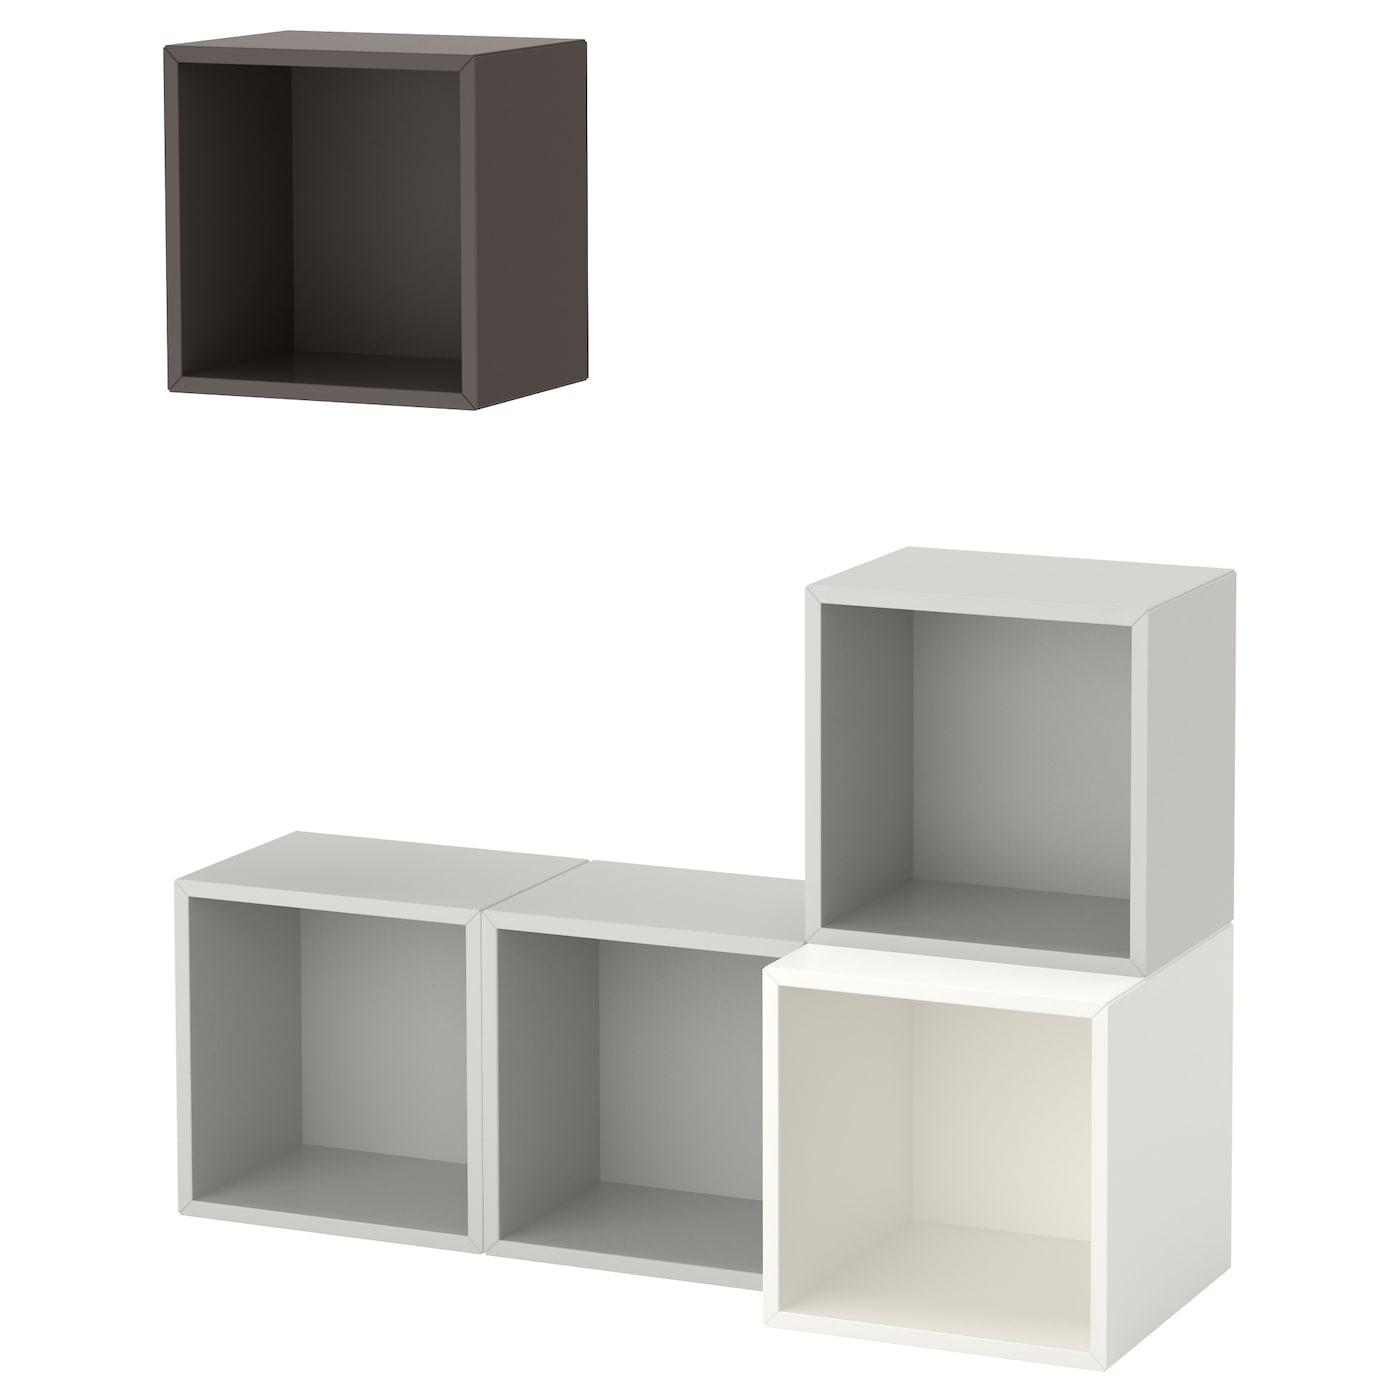 eket kastencombinatie voor wandmontage wit lichtgrijs. Black Bedroom Furniture Sets. Home Design Ideas